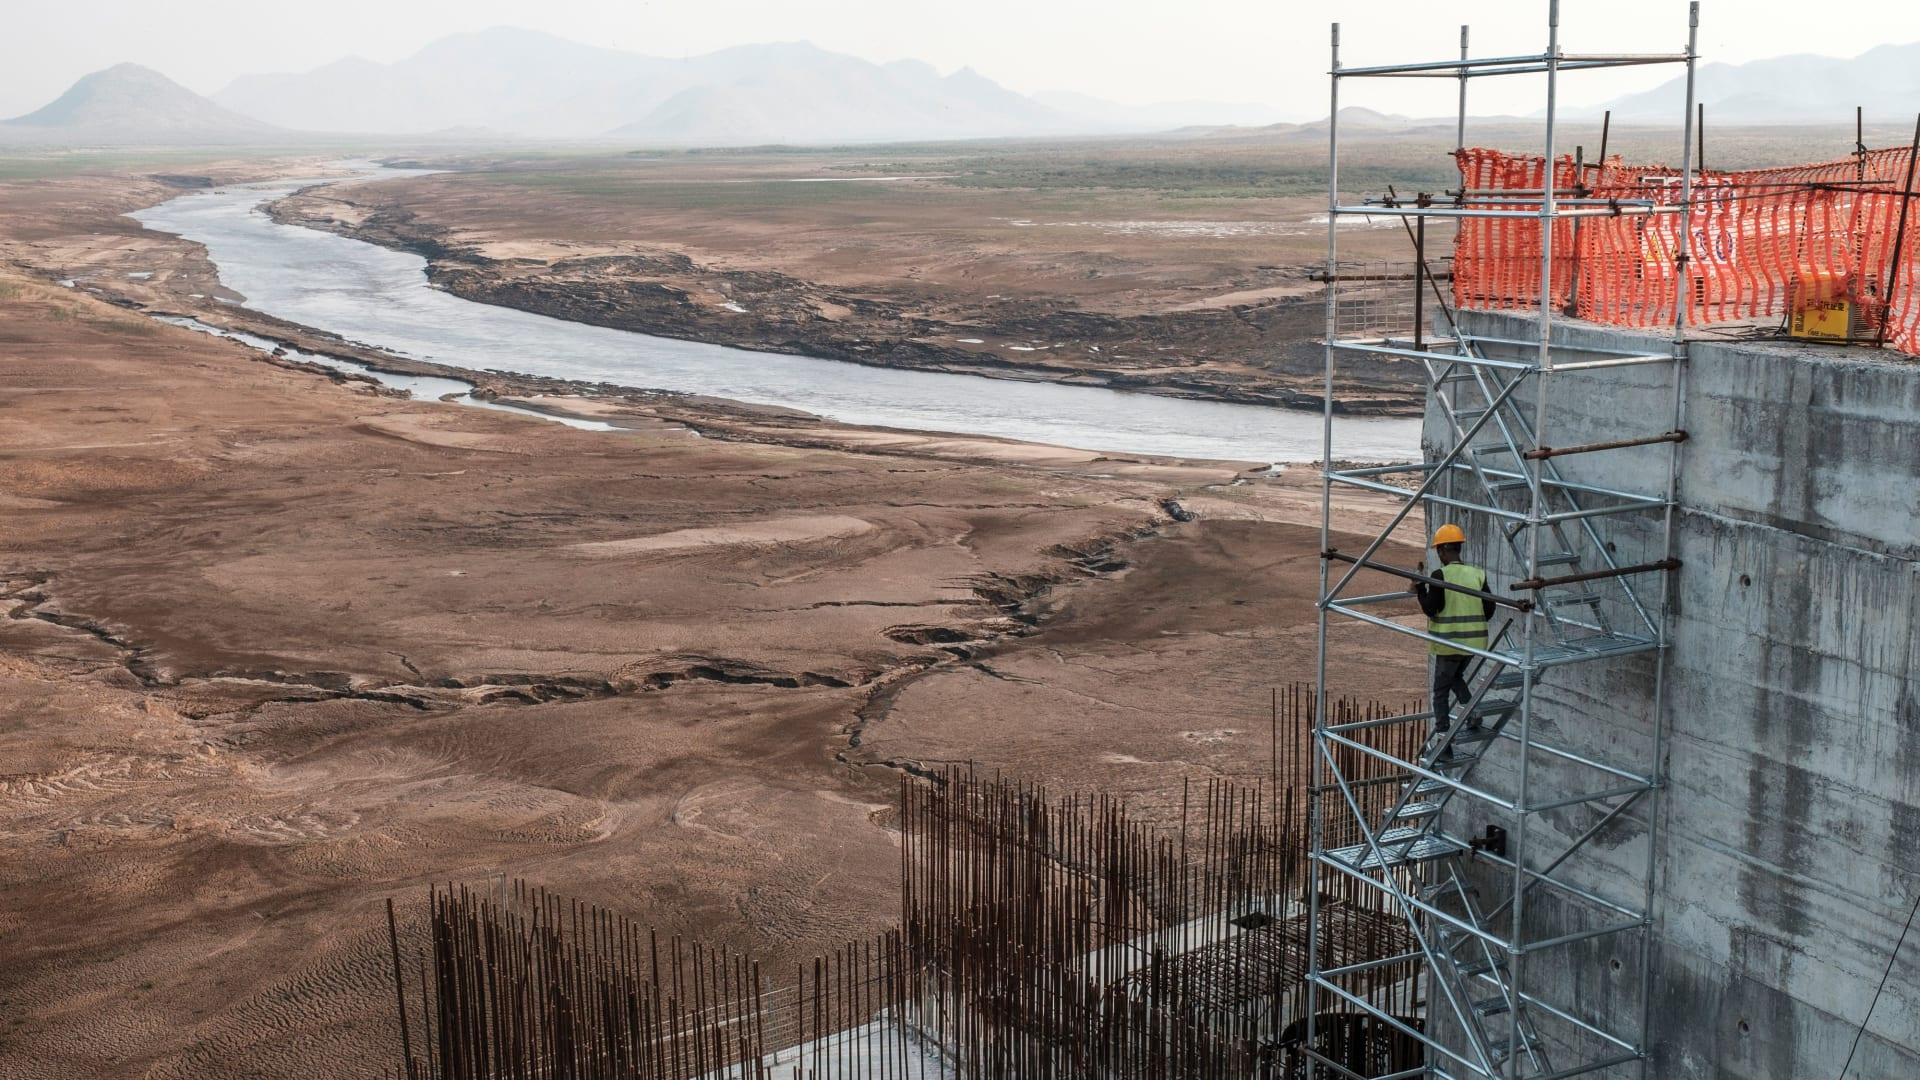 مصر عن مفاوضات سد النهضة: متمسكون بالأمل.. وارتفاع مفاجىء لمستوى المياه بالسودان